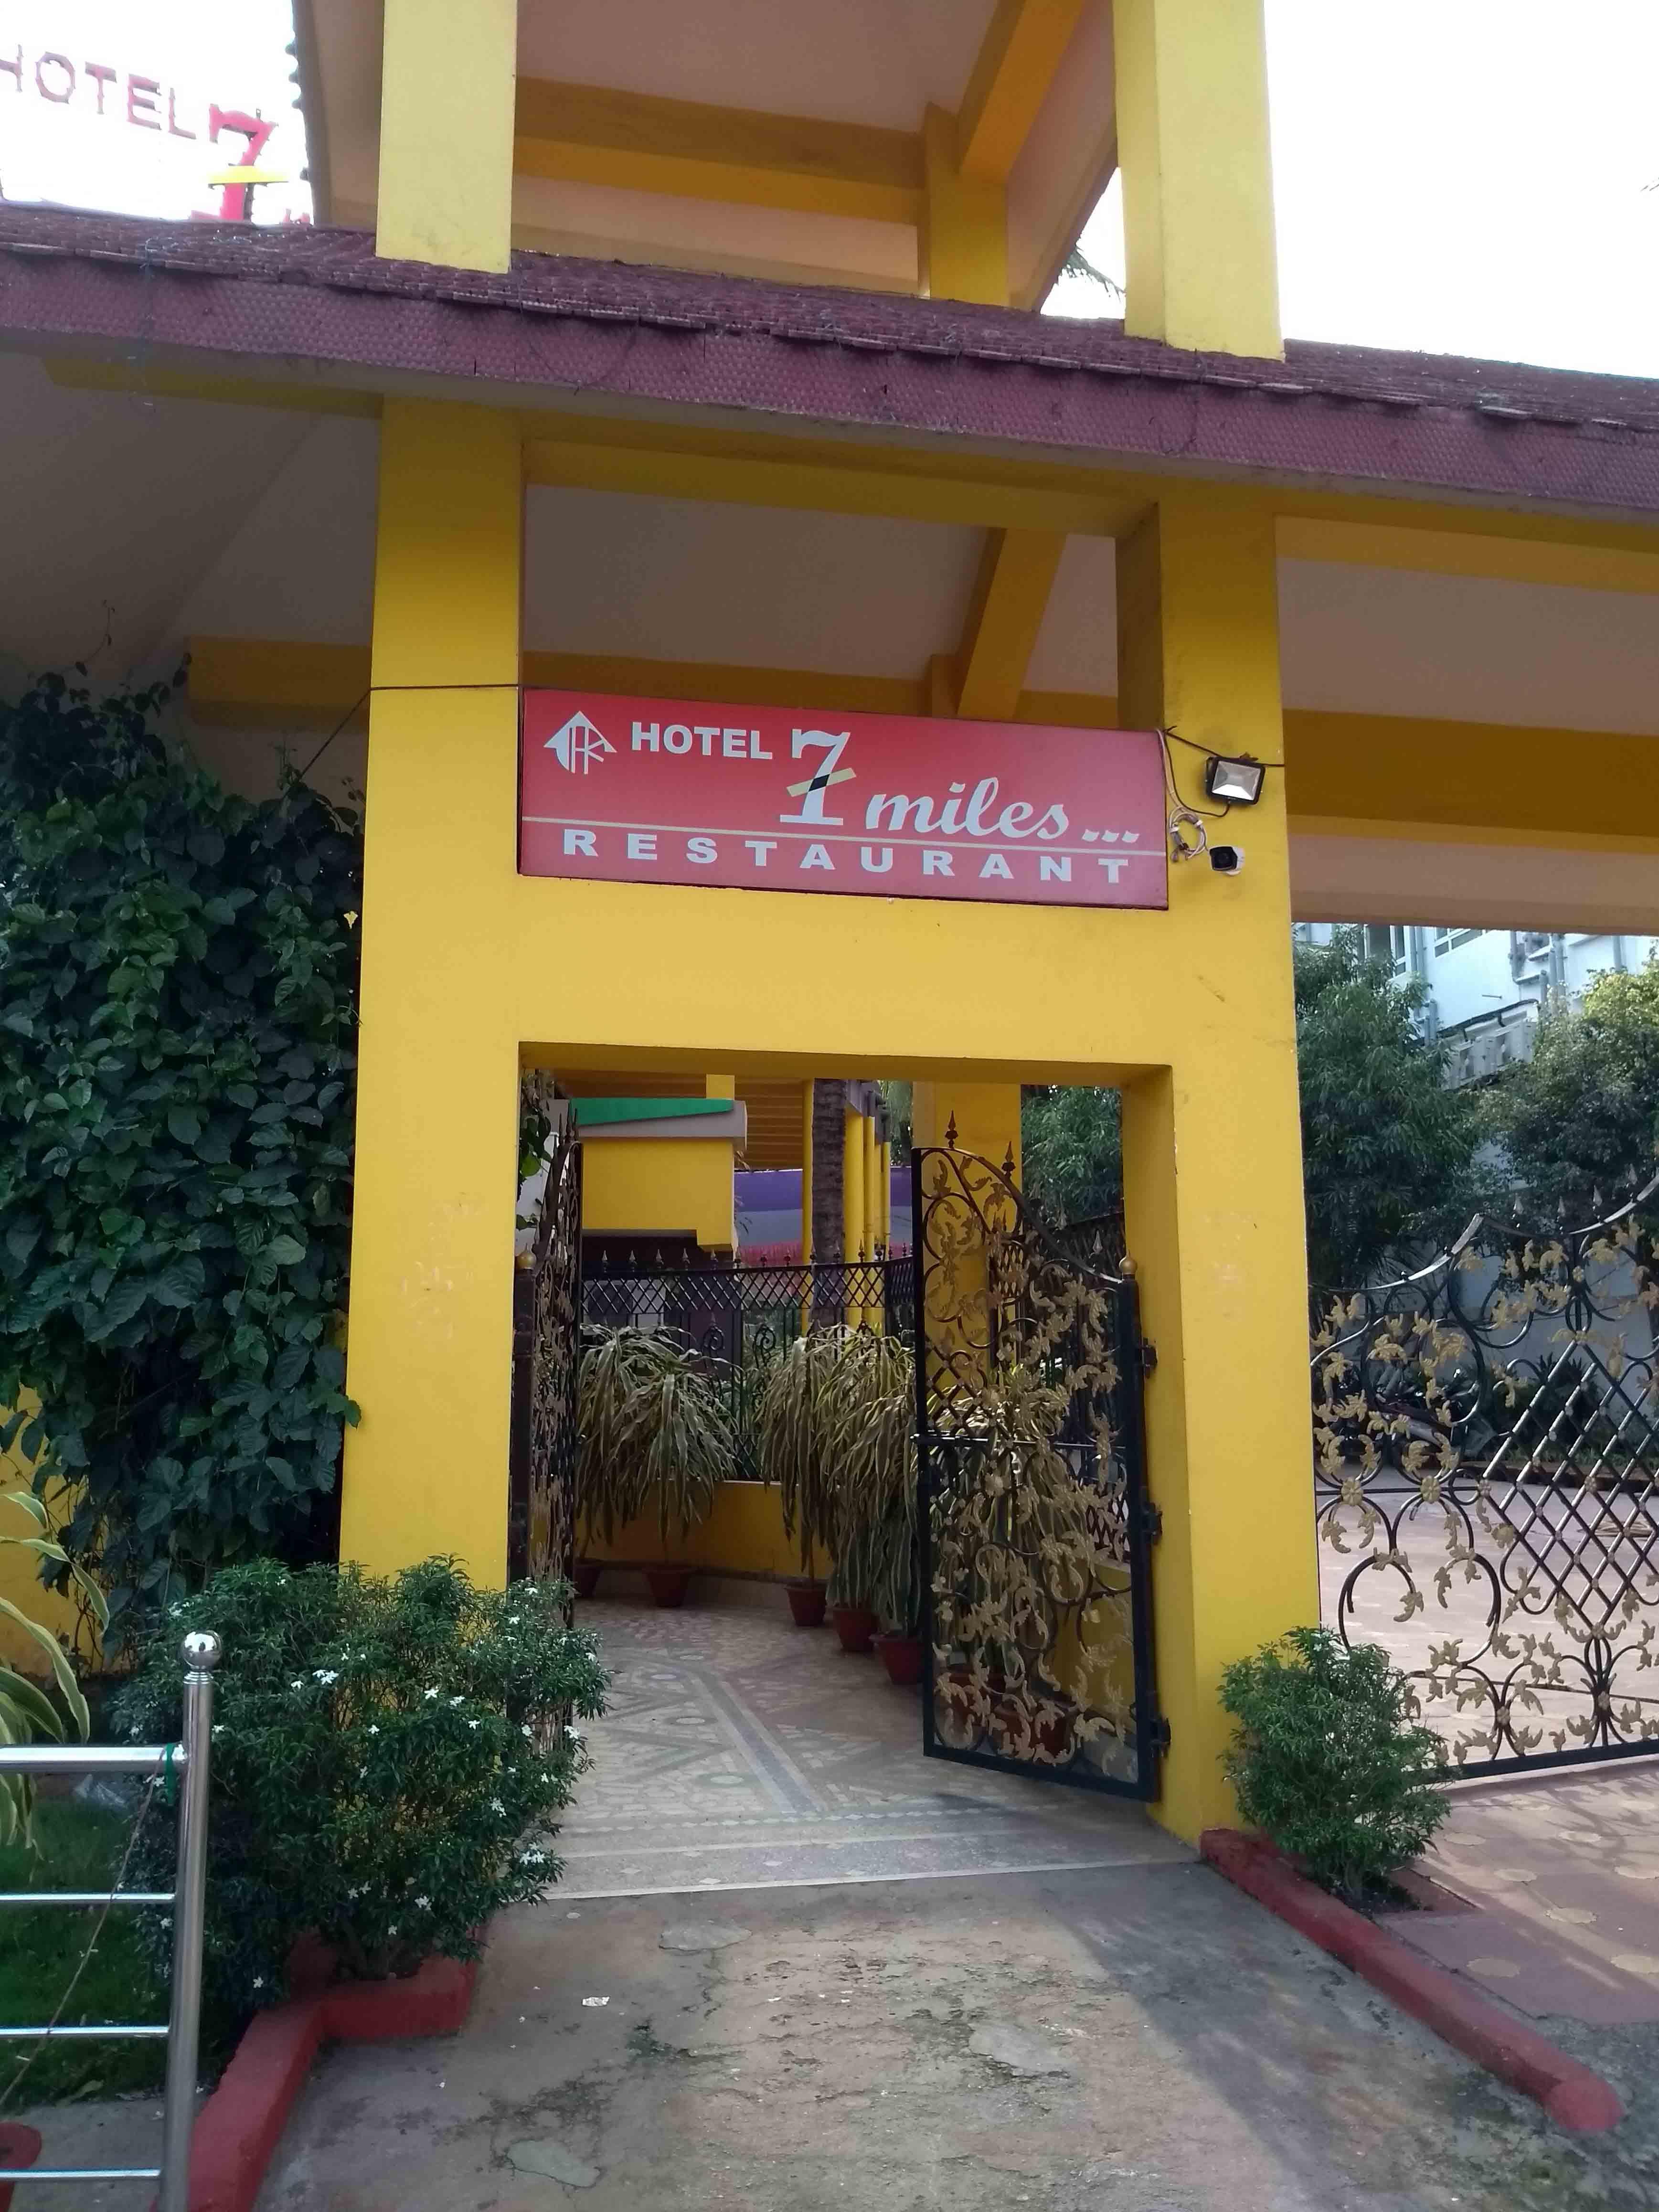 Hotel 7 Miles - Khandagiri - Bhubaneshwar Image